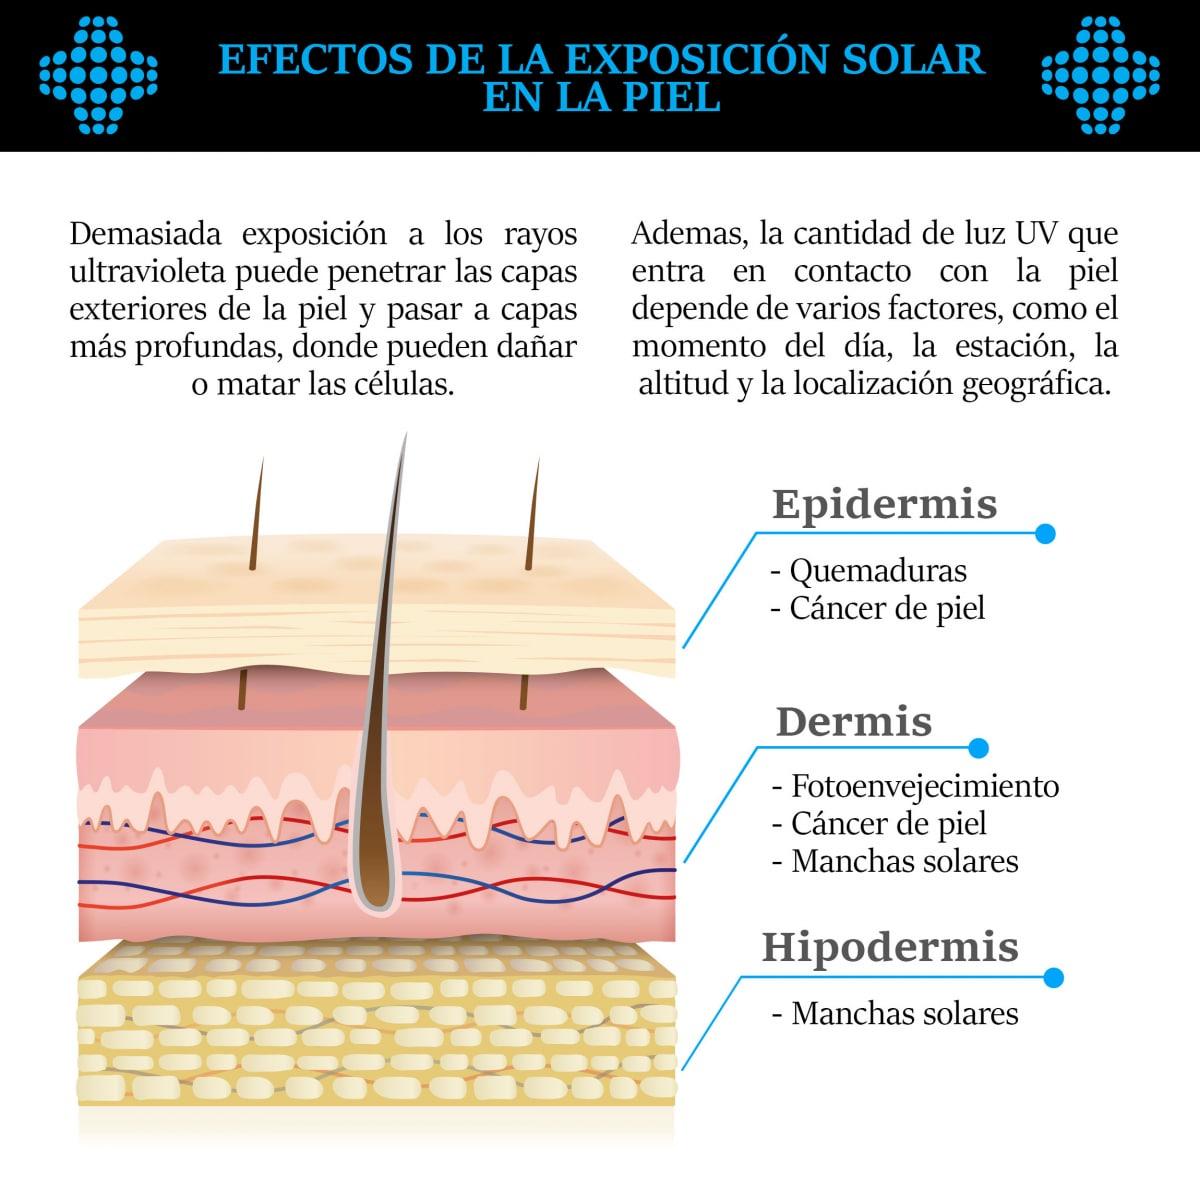 Efectos de la exposición solar en la piel